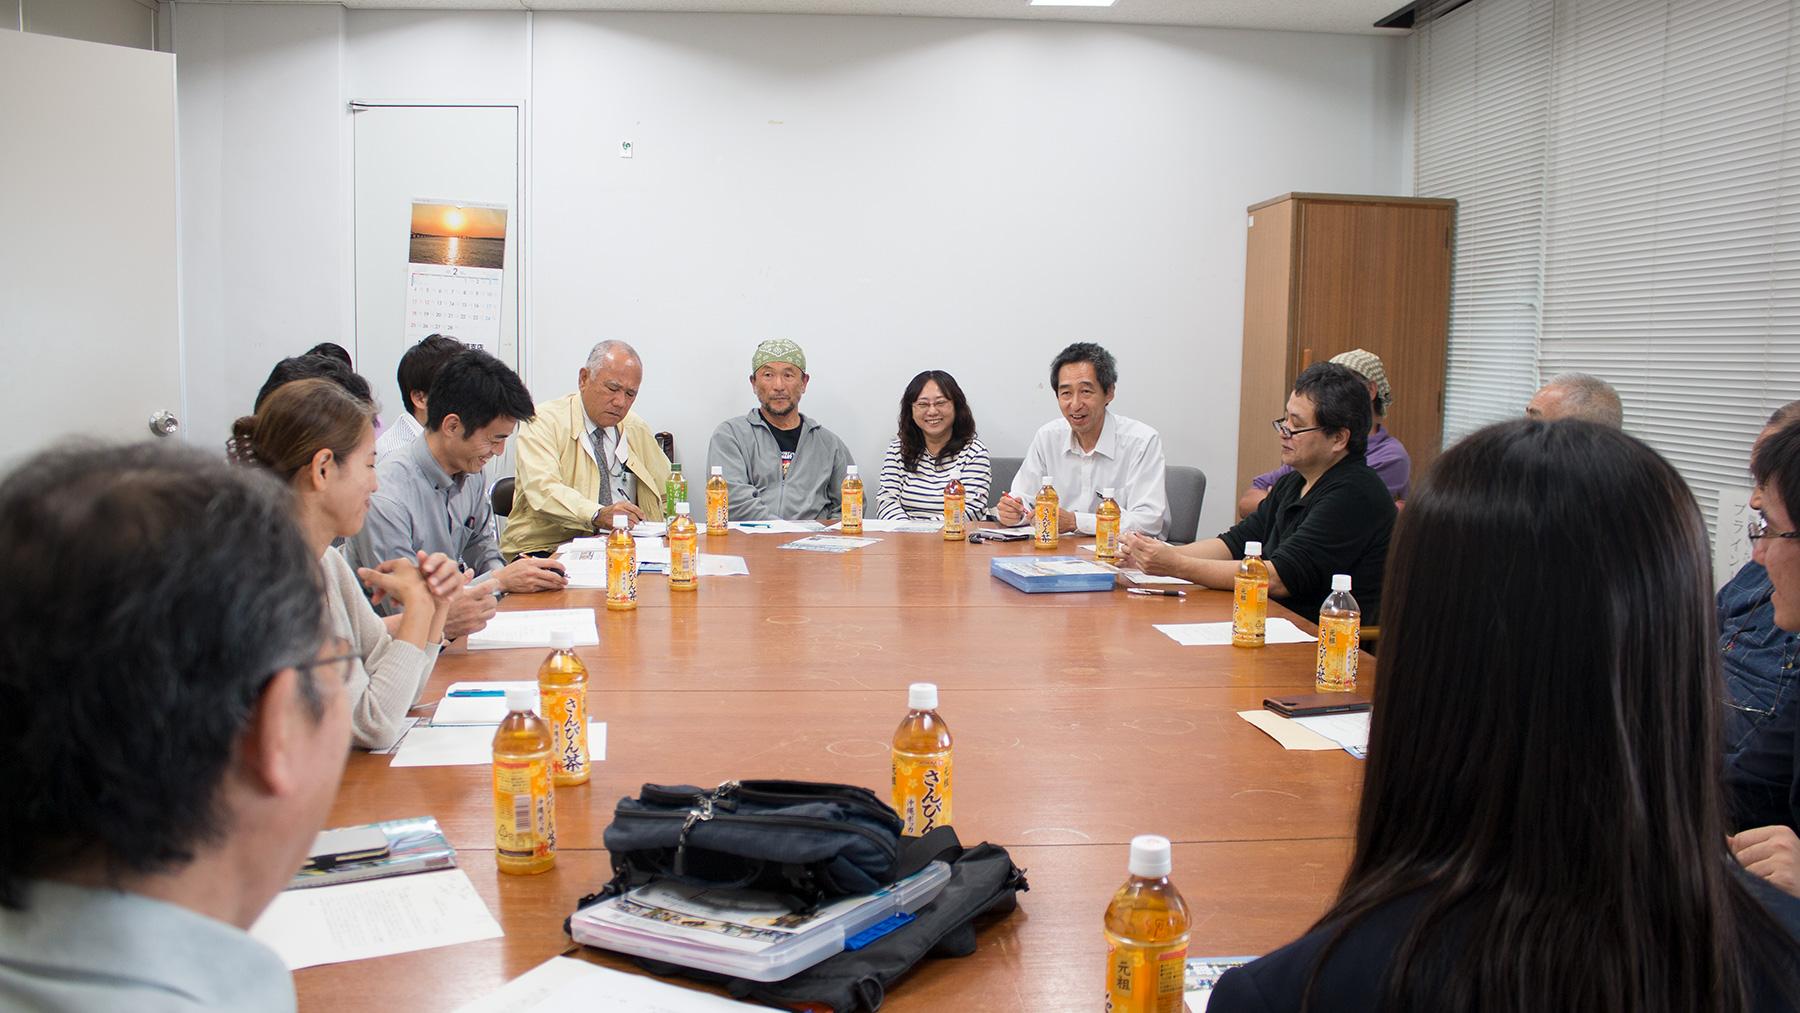 エコの島コンテスト意見交換会が開かれました。